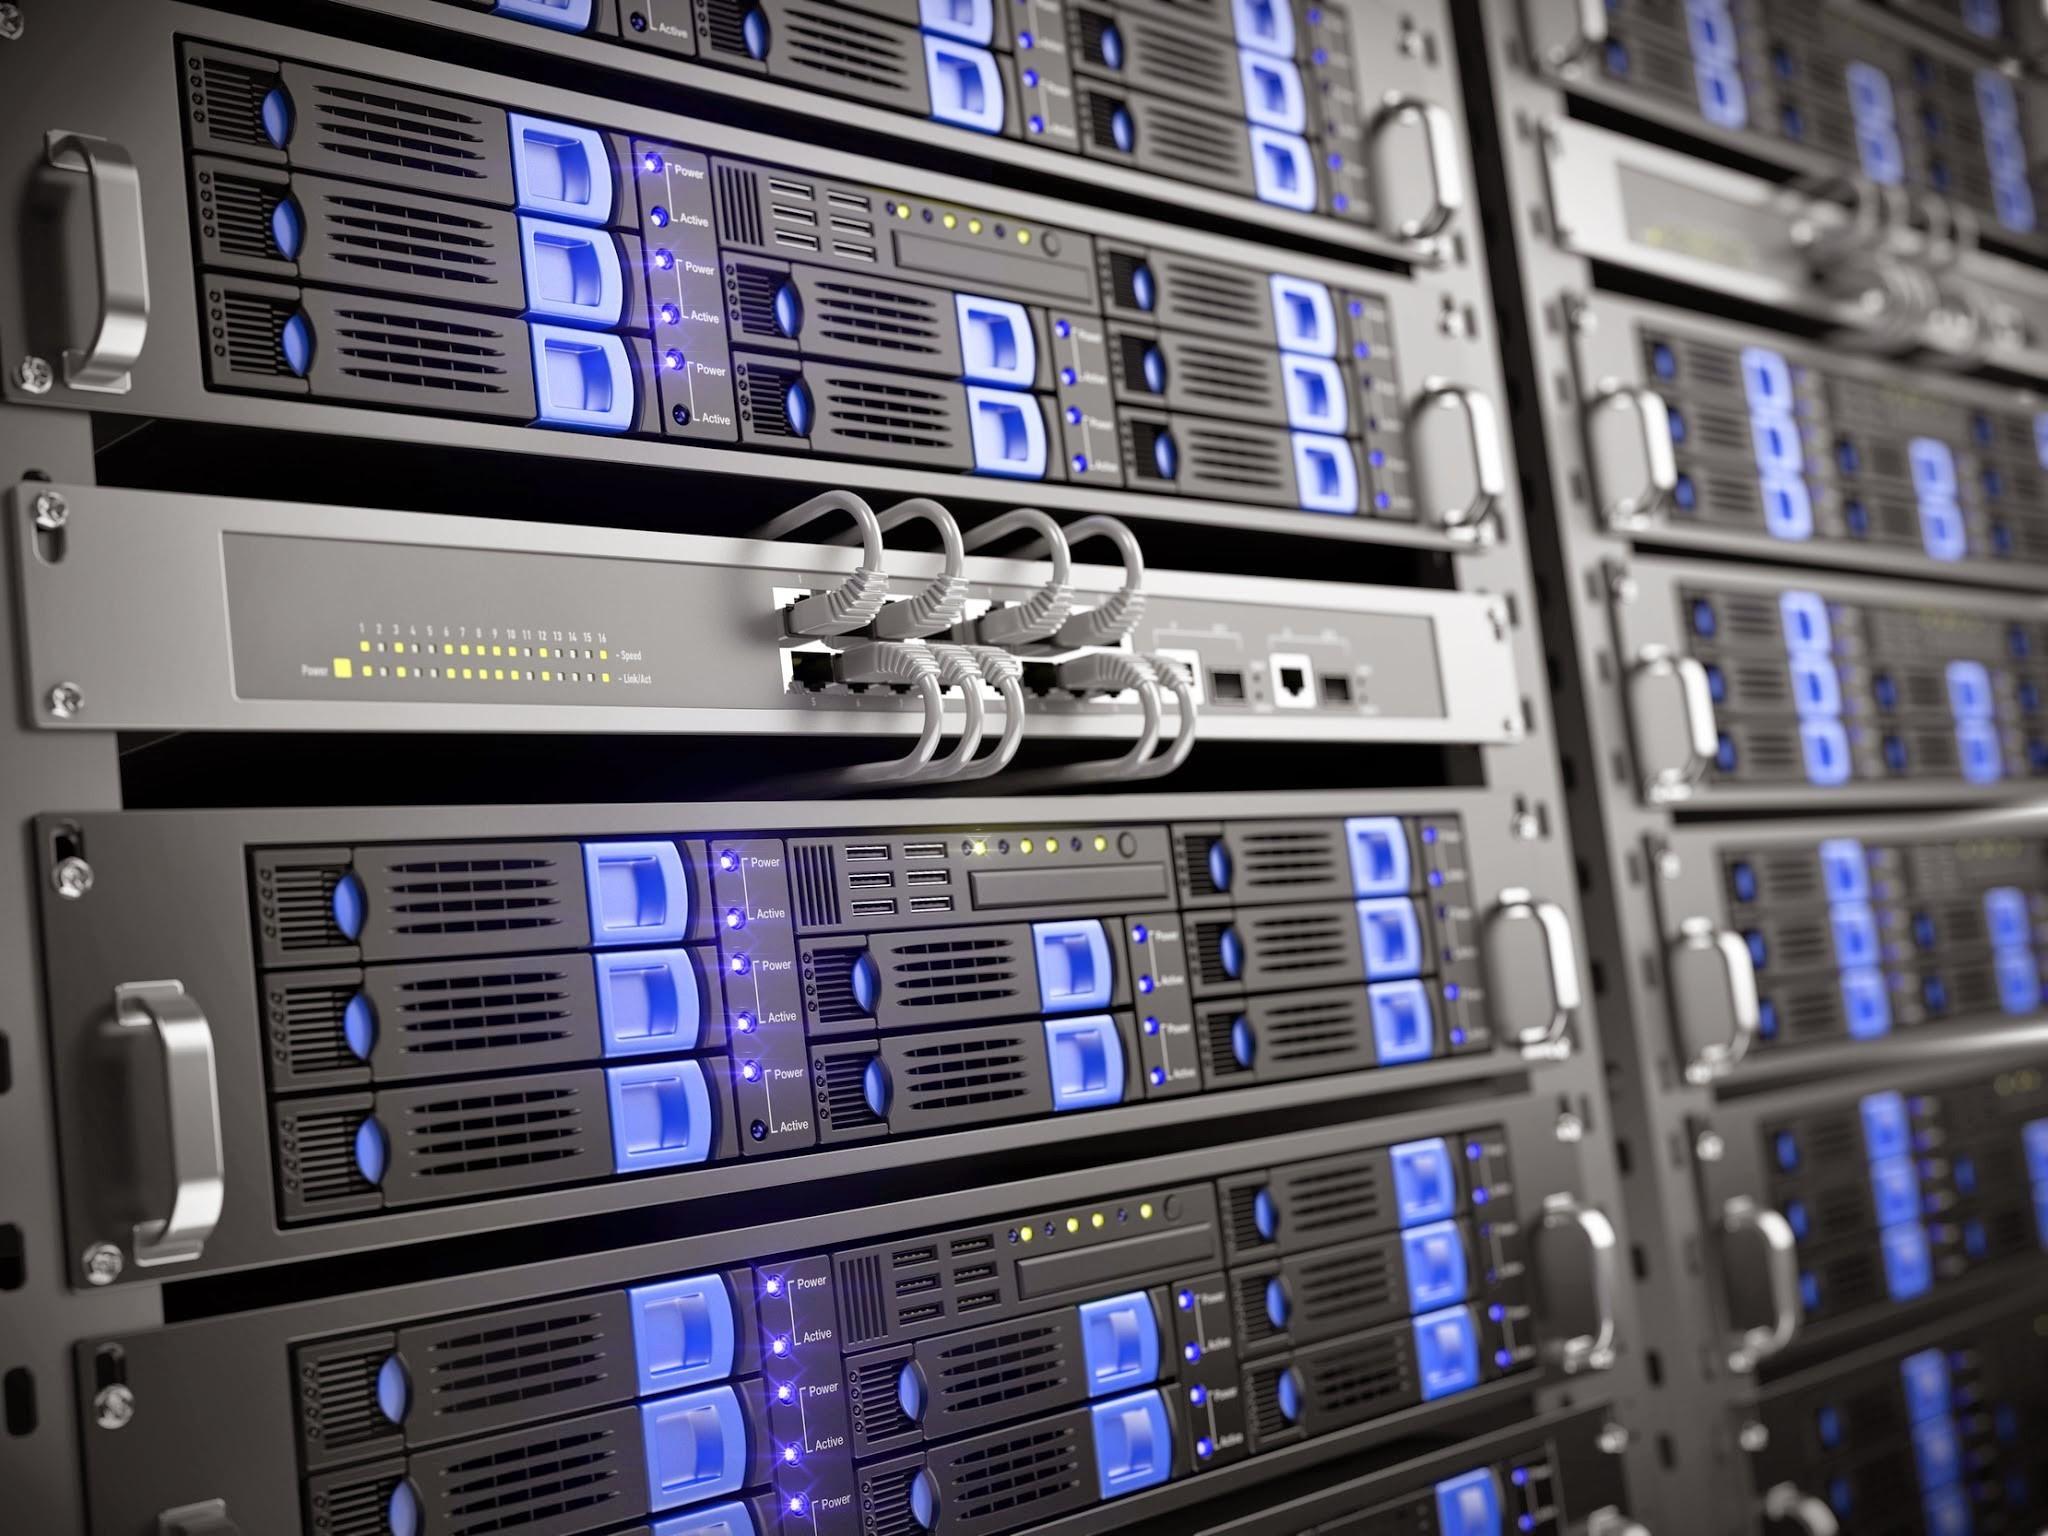 General server machine computer hardware network